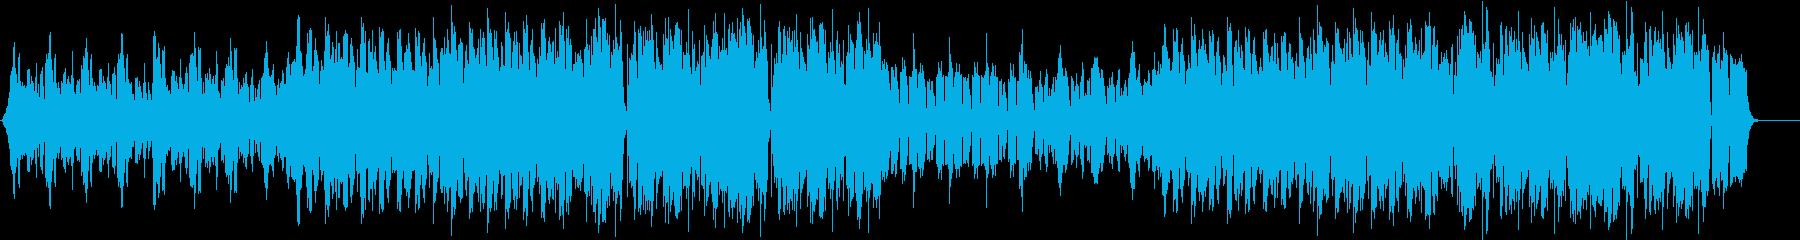 ウォールオブデス・モッシュ/EDMフェスの再生済みの波形